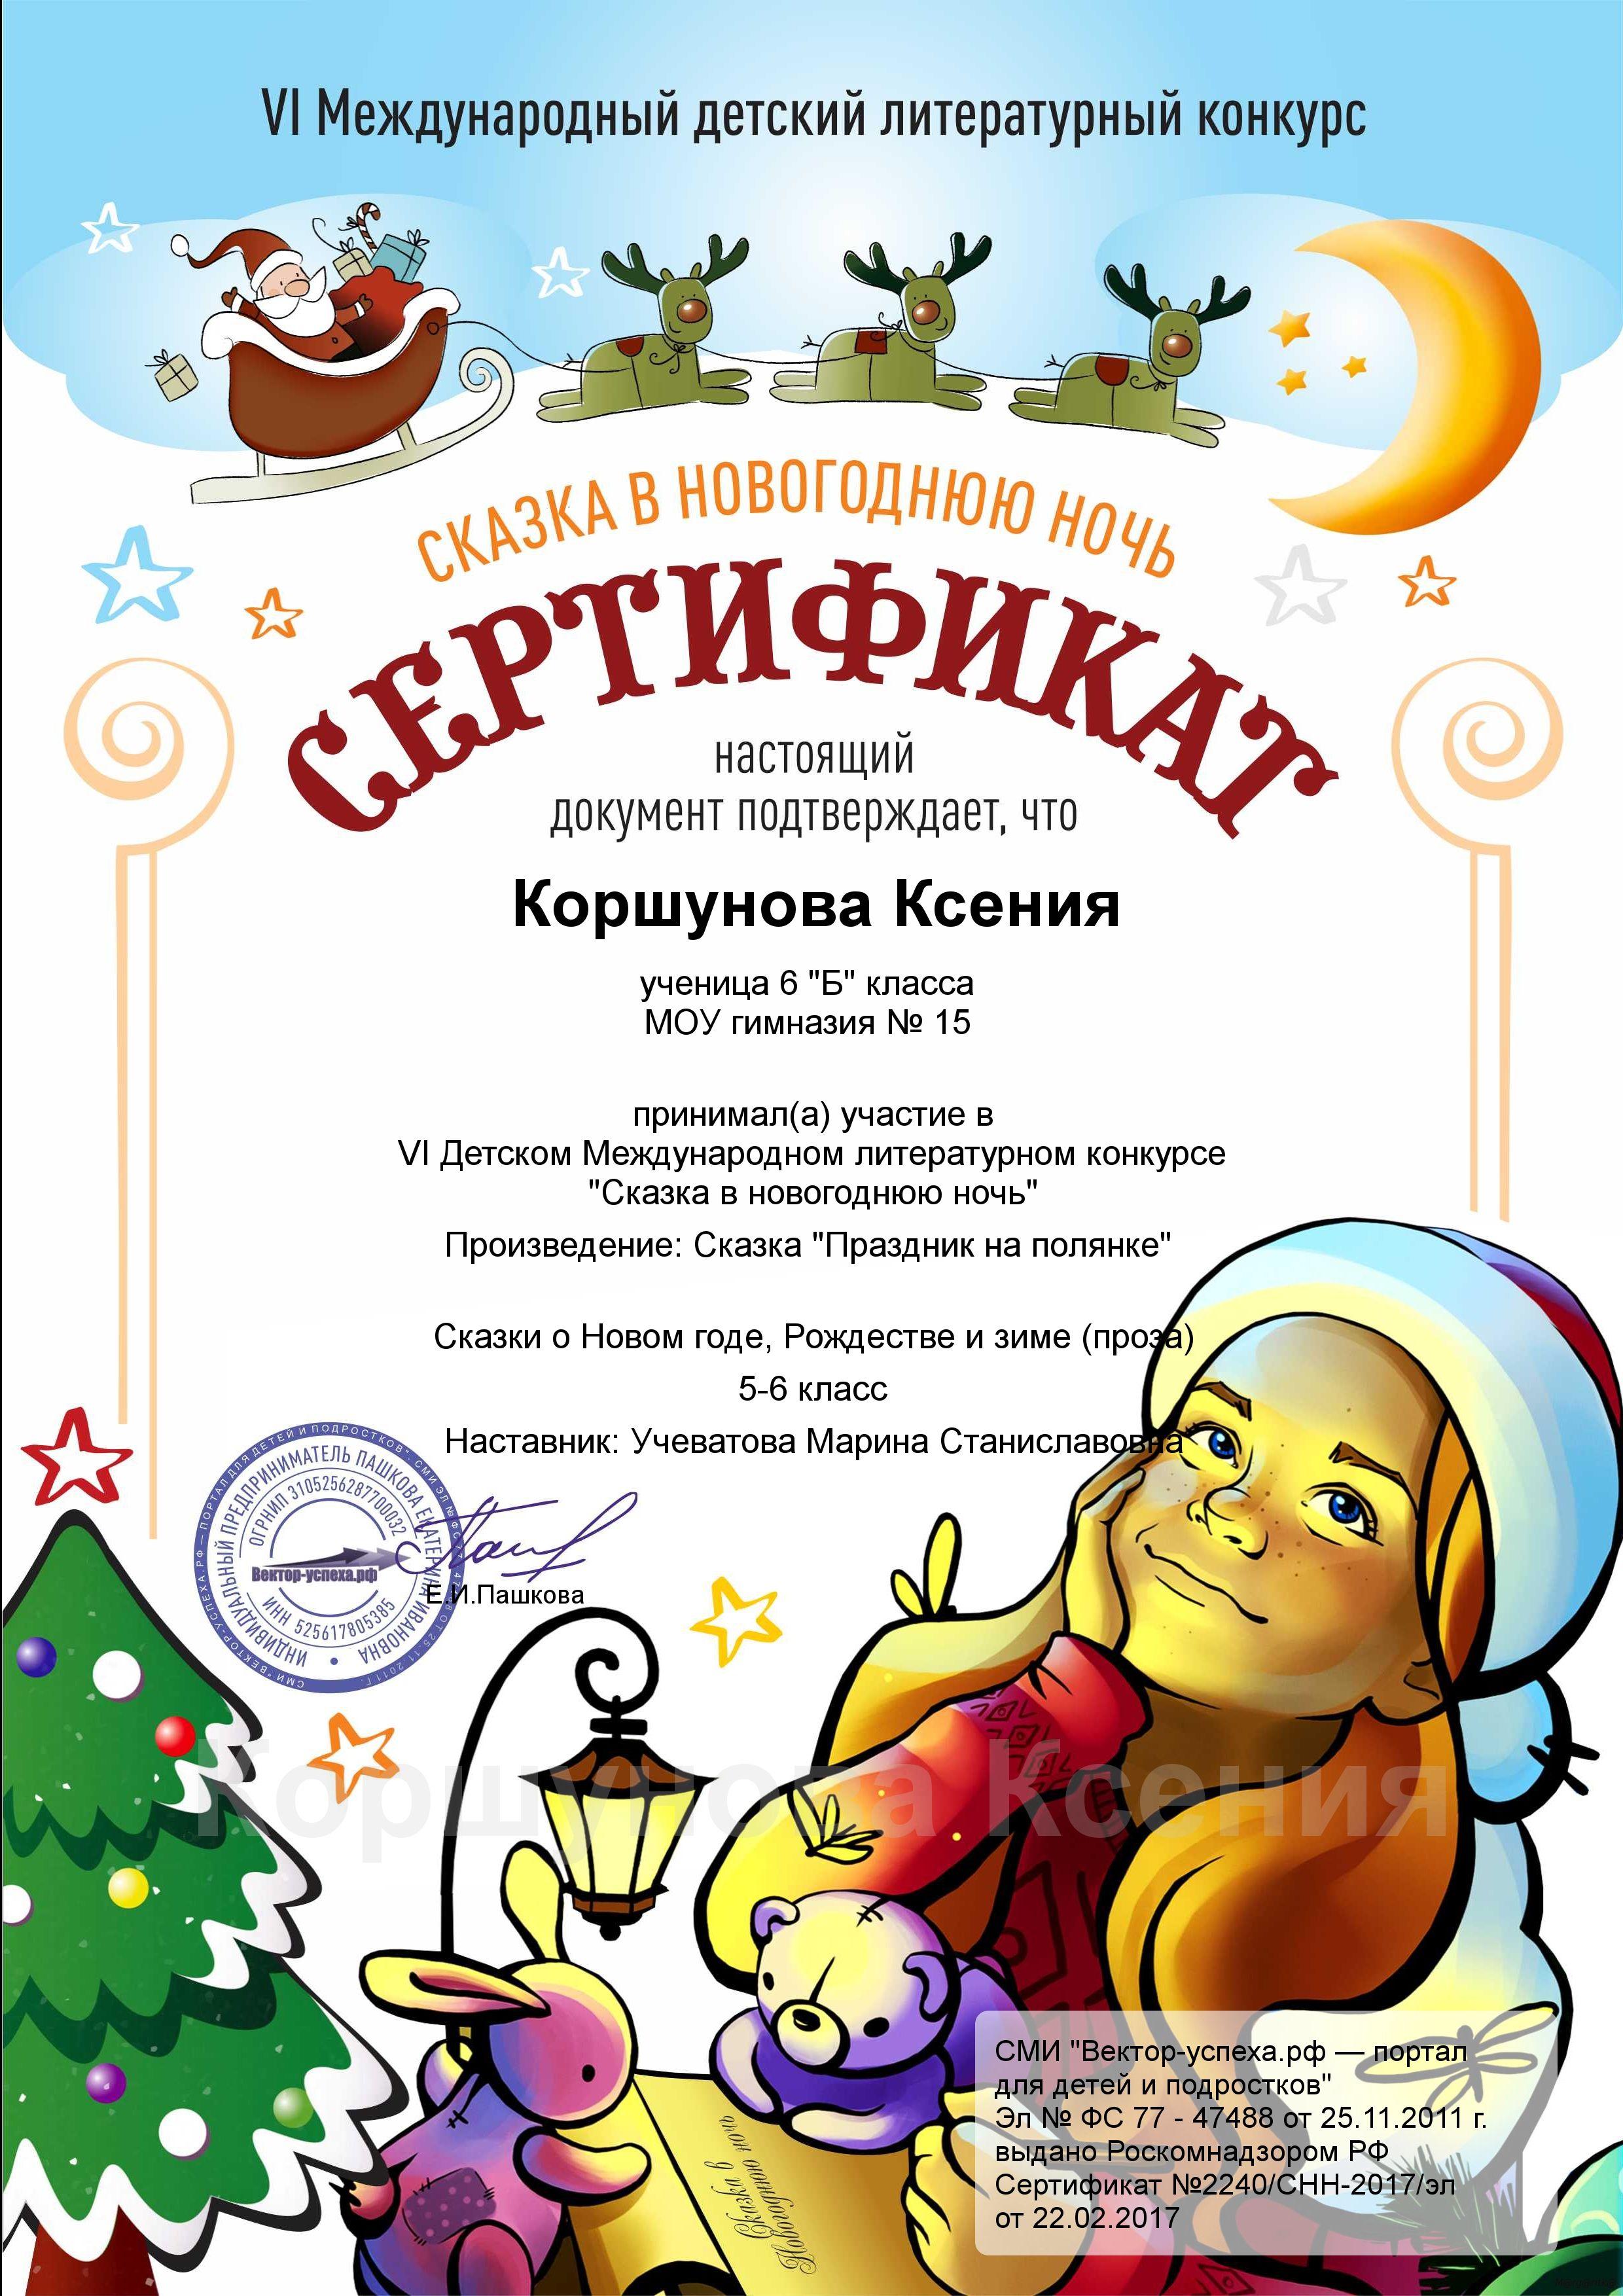 Участие в детском конкурсе 2017